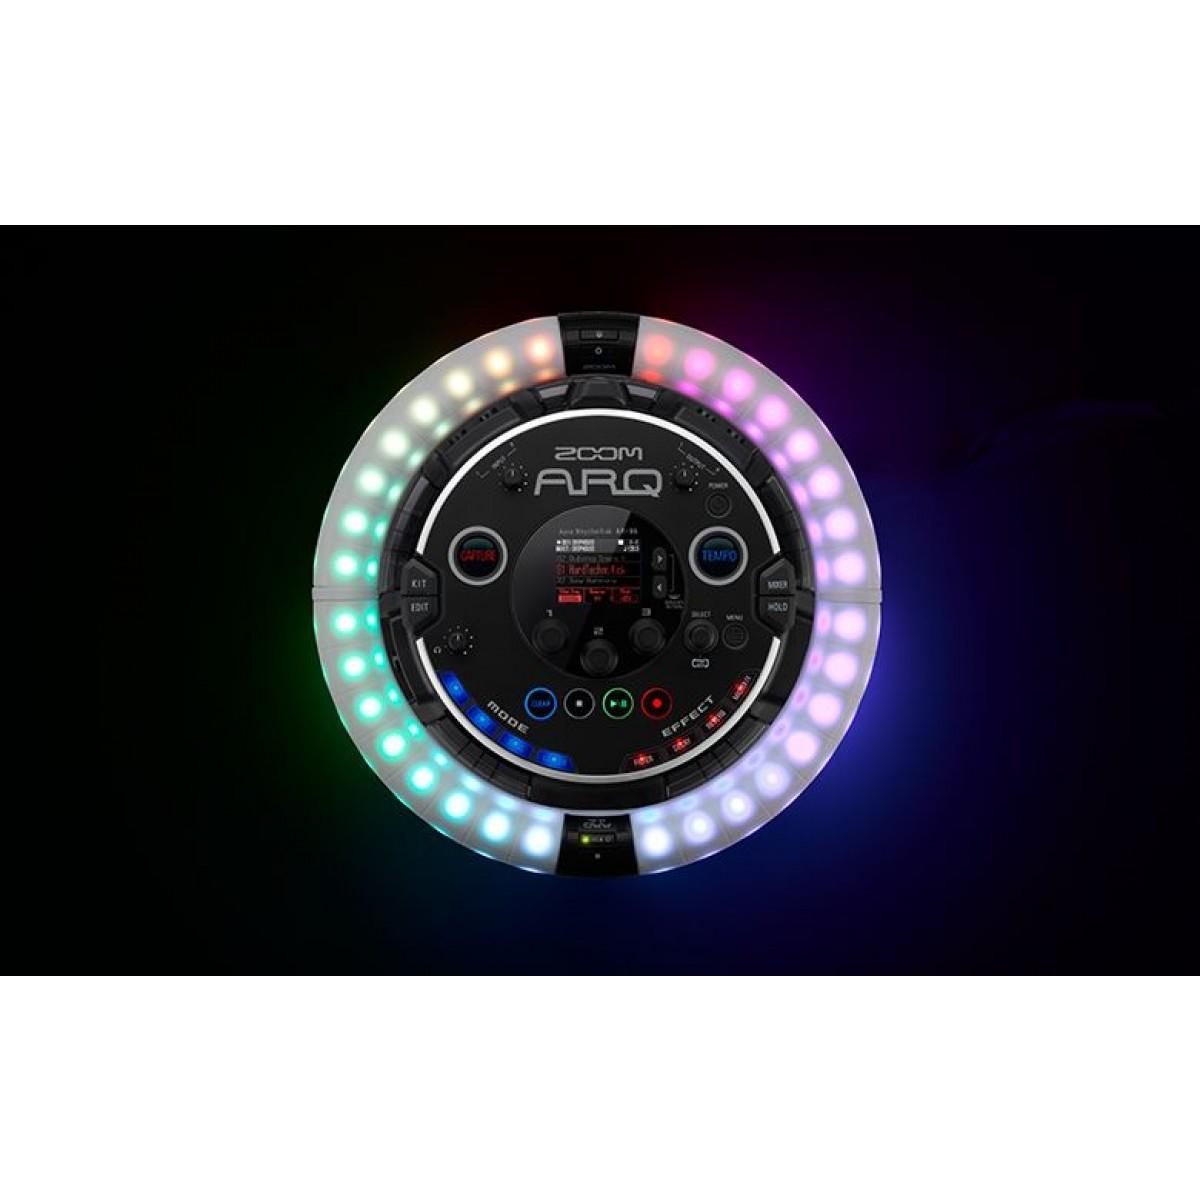 Zoom Arq Aero Rhythmtrak With Ar 96 Editor